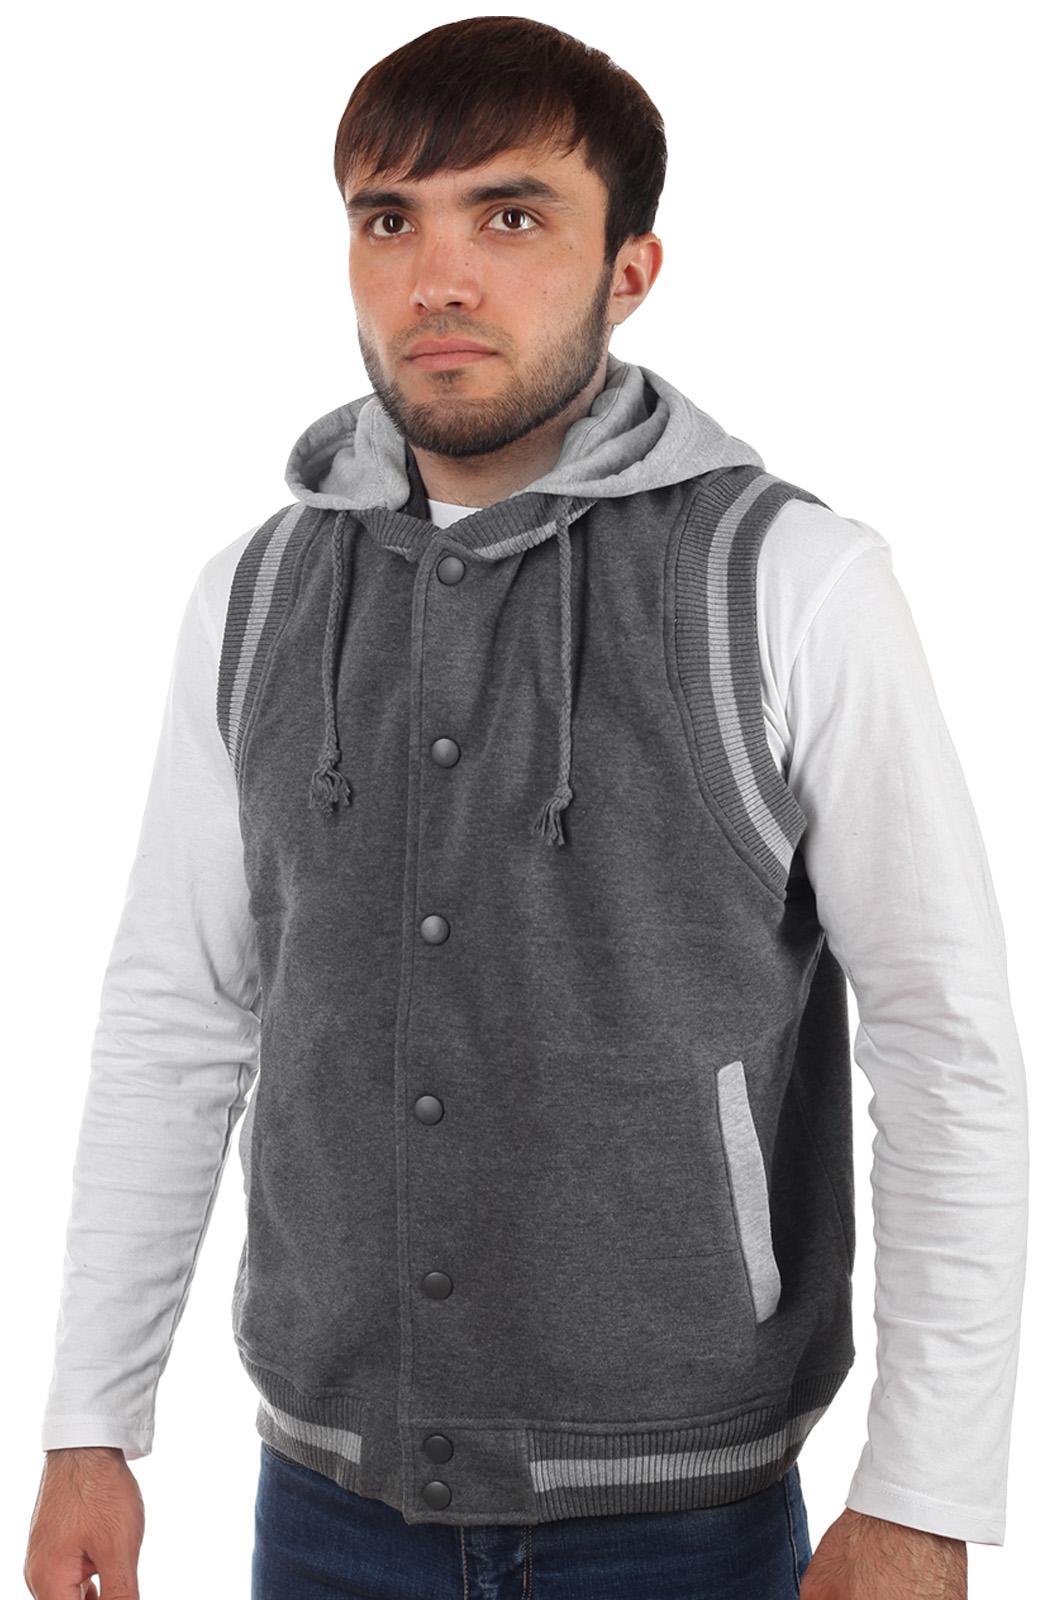 Купить в интернет магазине мужскую безрукавку с капюшоном